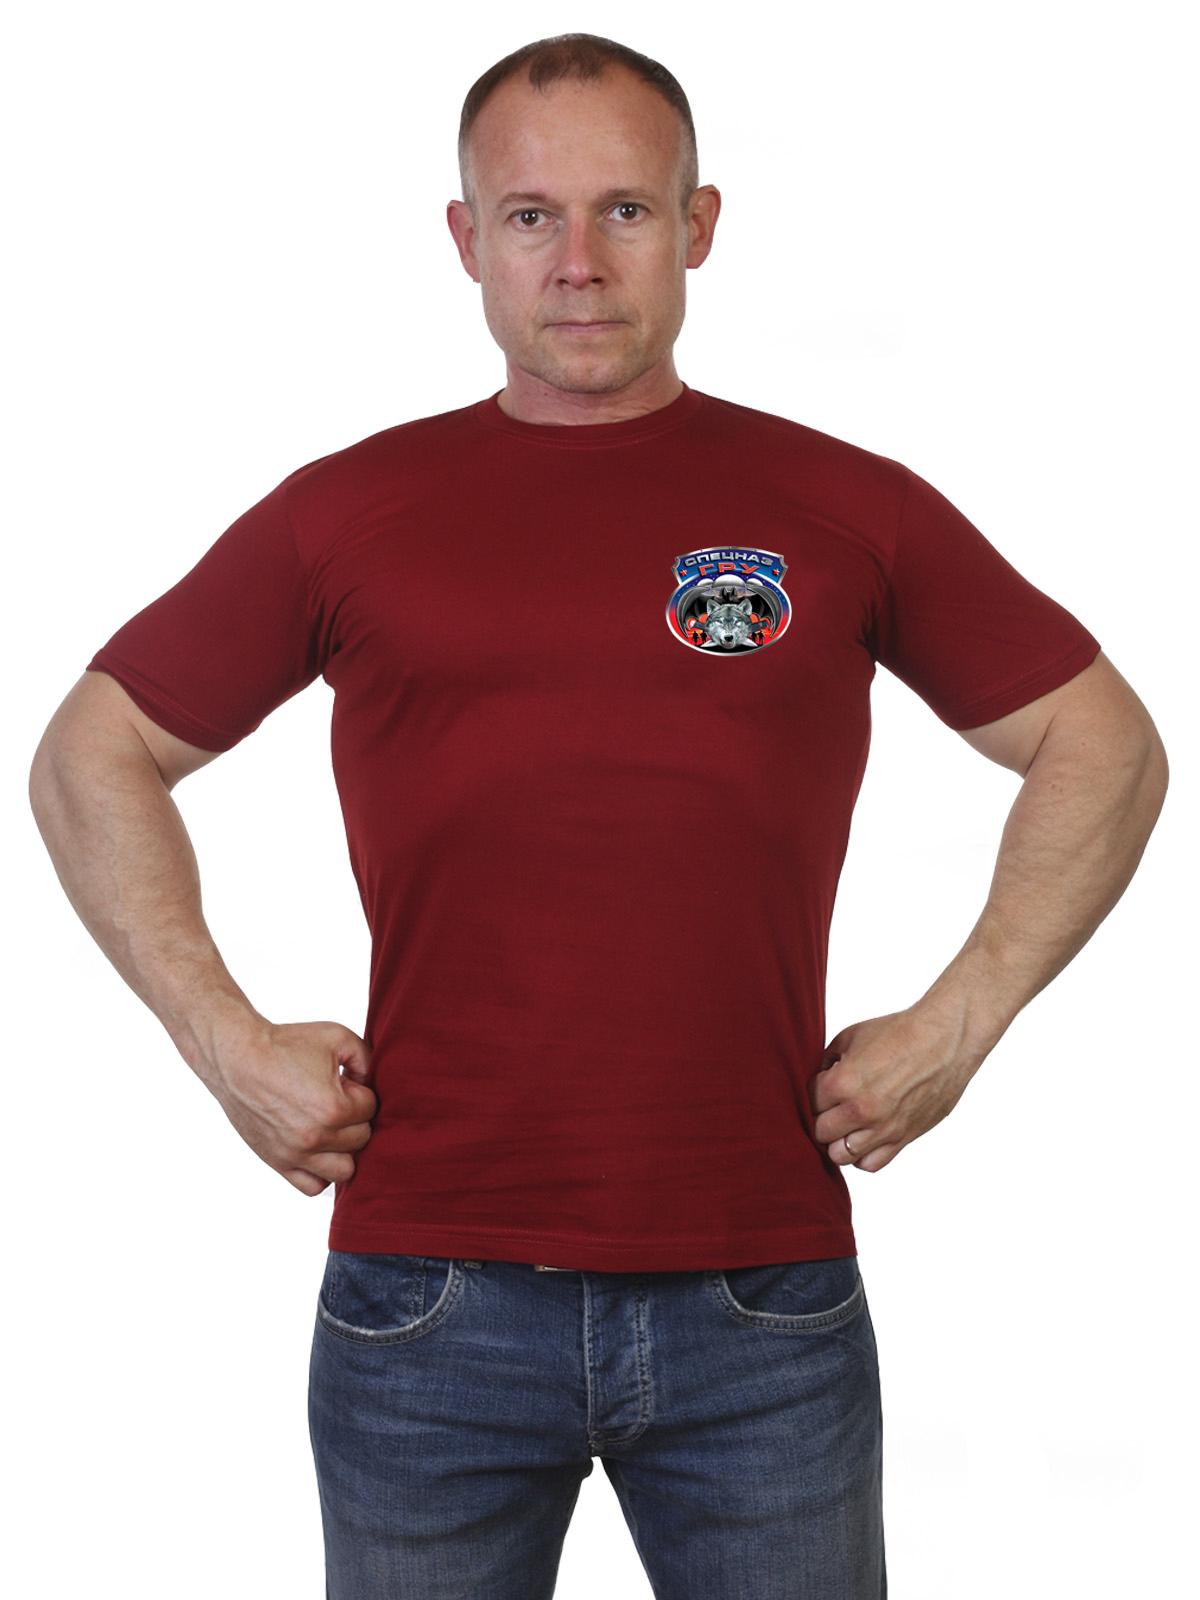 Футболки и другая одежда с символикой ГРУ